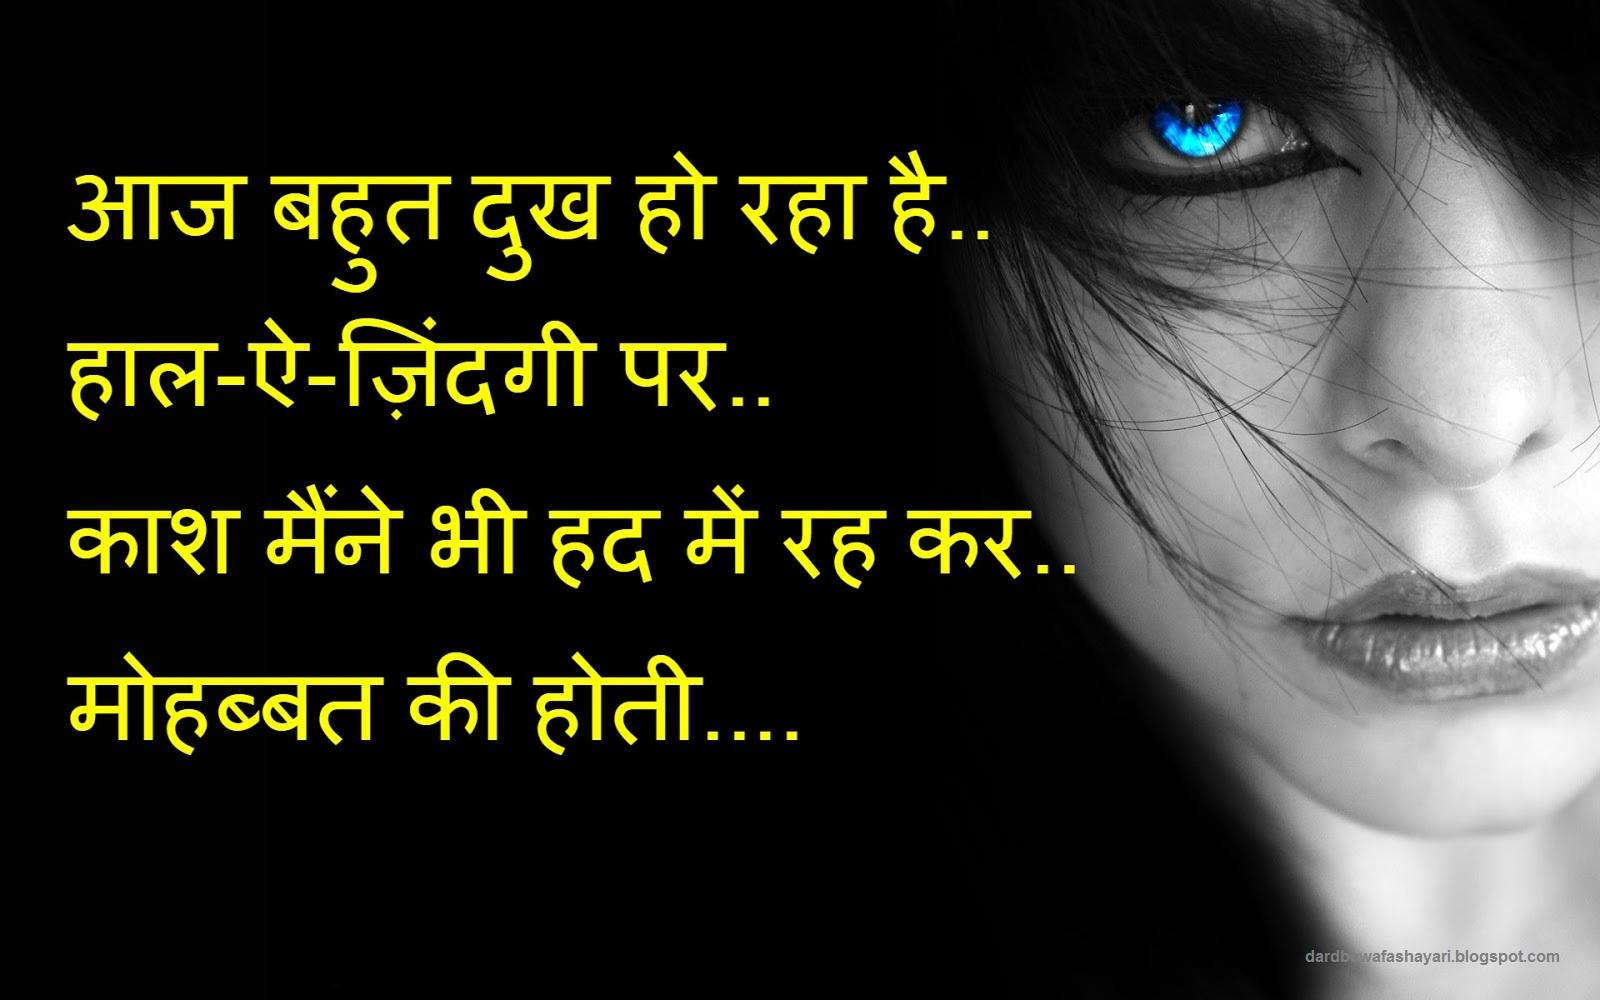 Dard Bhari Shayari In Hindi For Couples Qoutes Imges Wallpapers